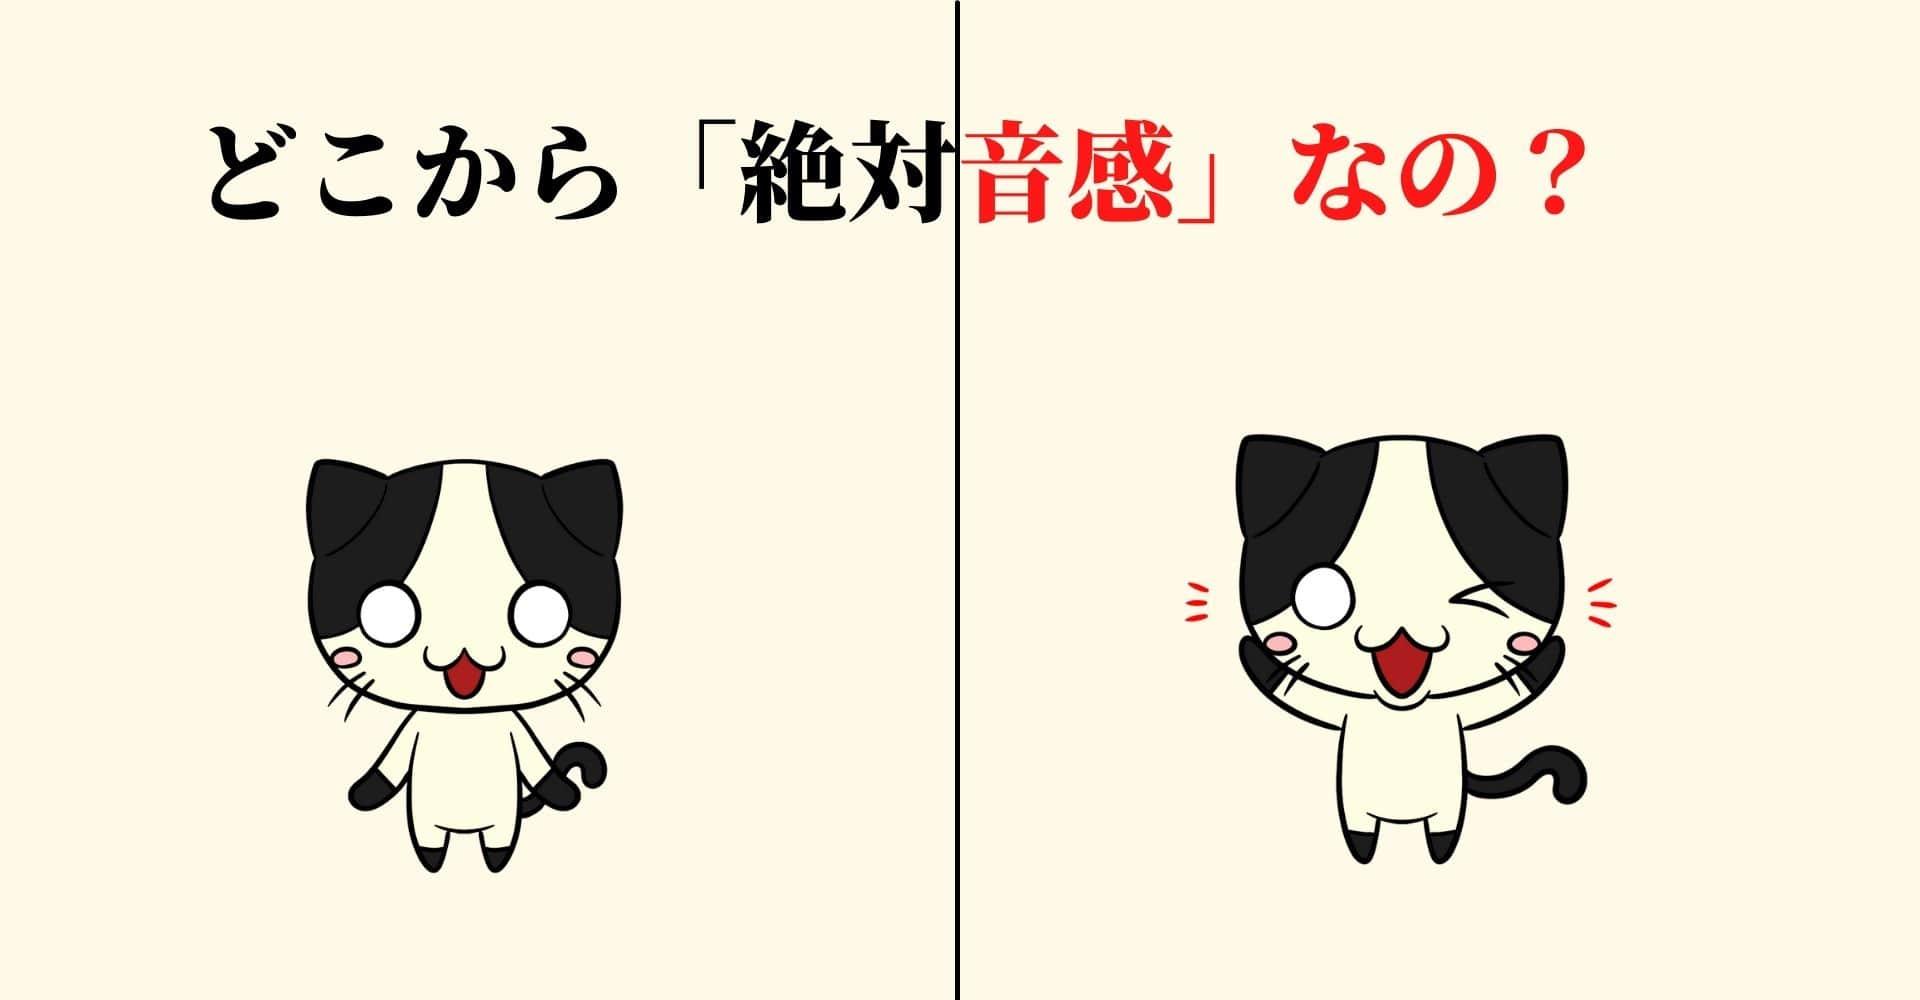 【ショパン】 (1)-minのアイキャッチ画像